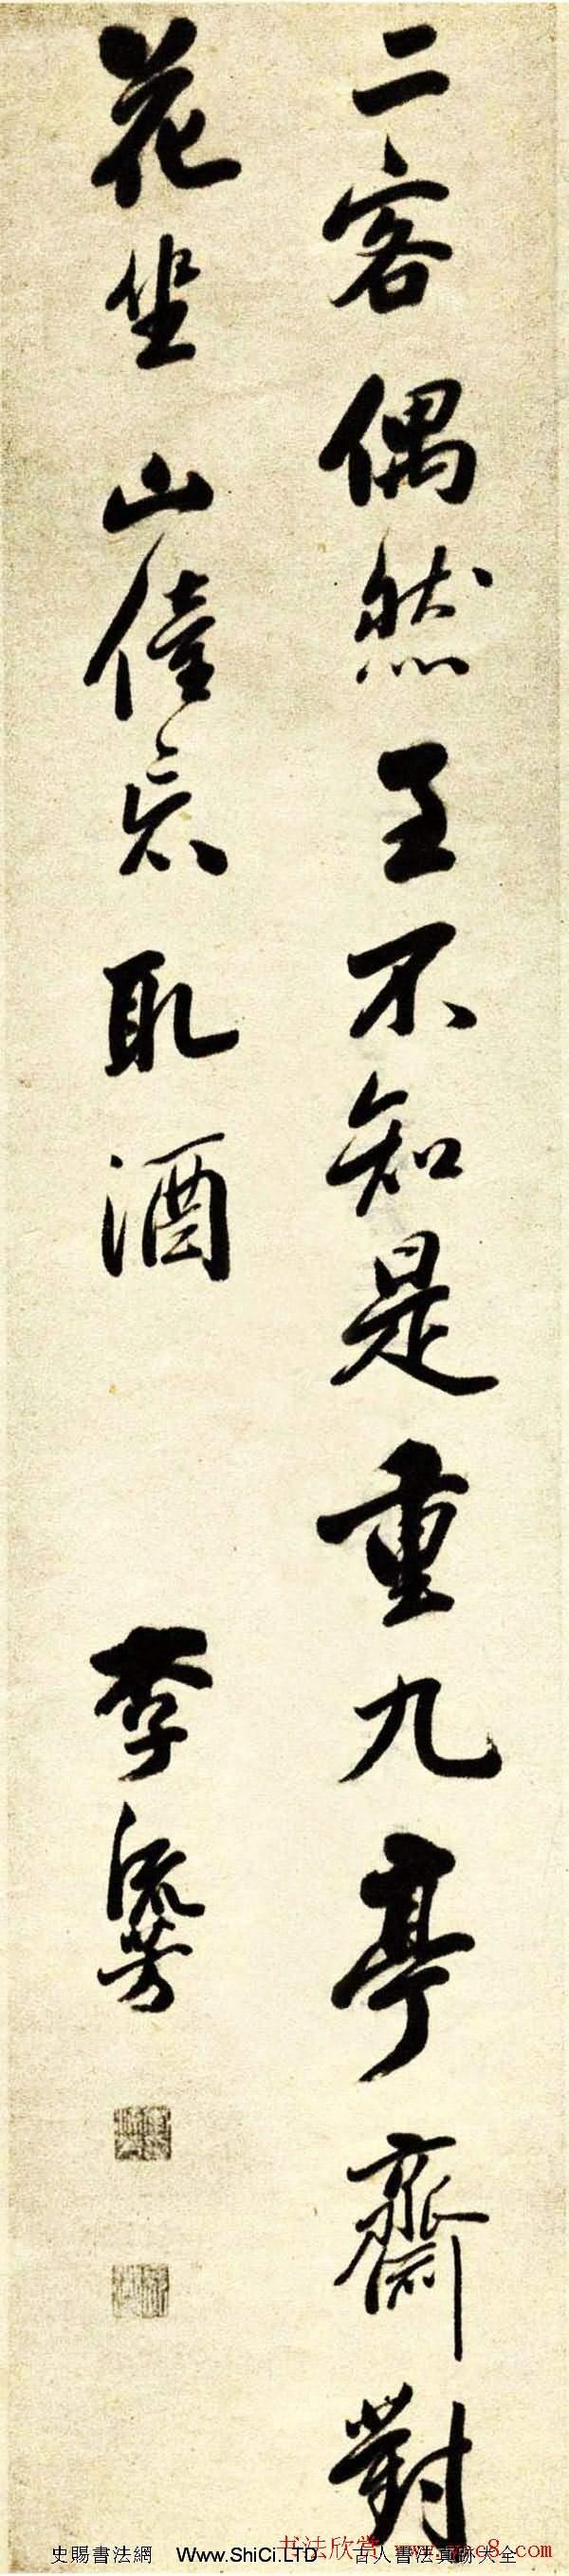 慎娛居士李流芳書法墨跡欣賞